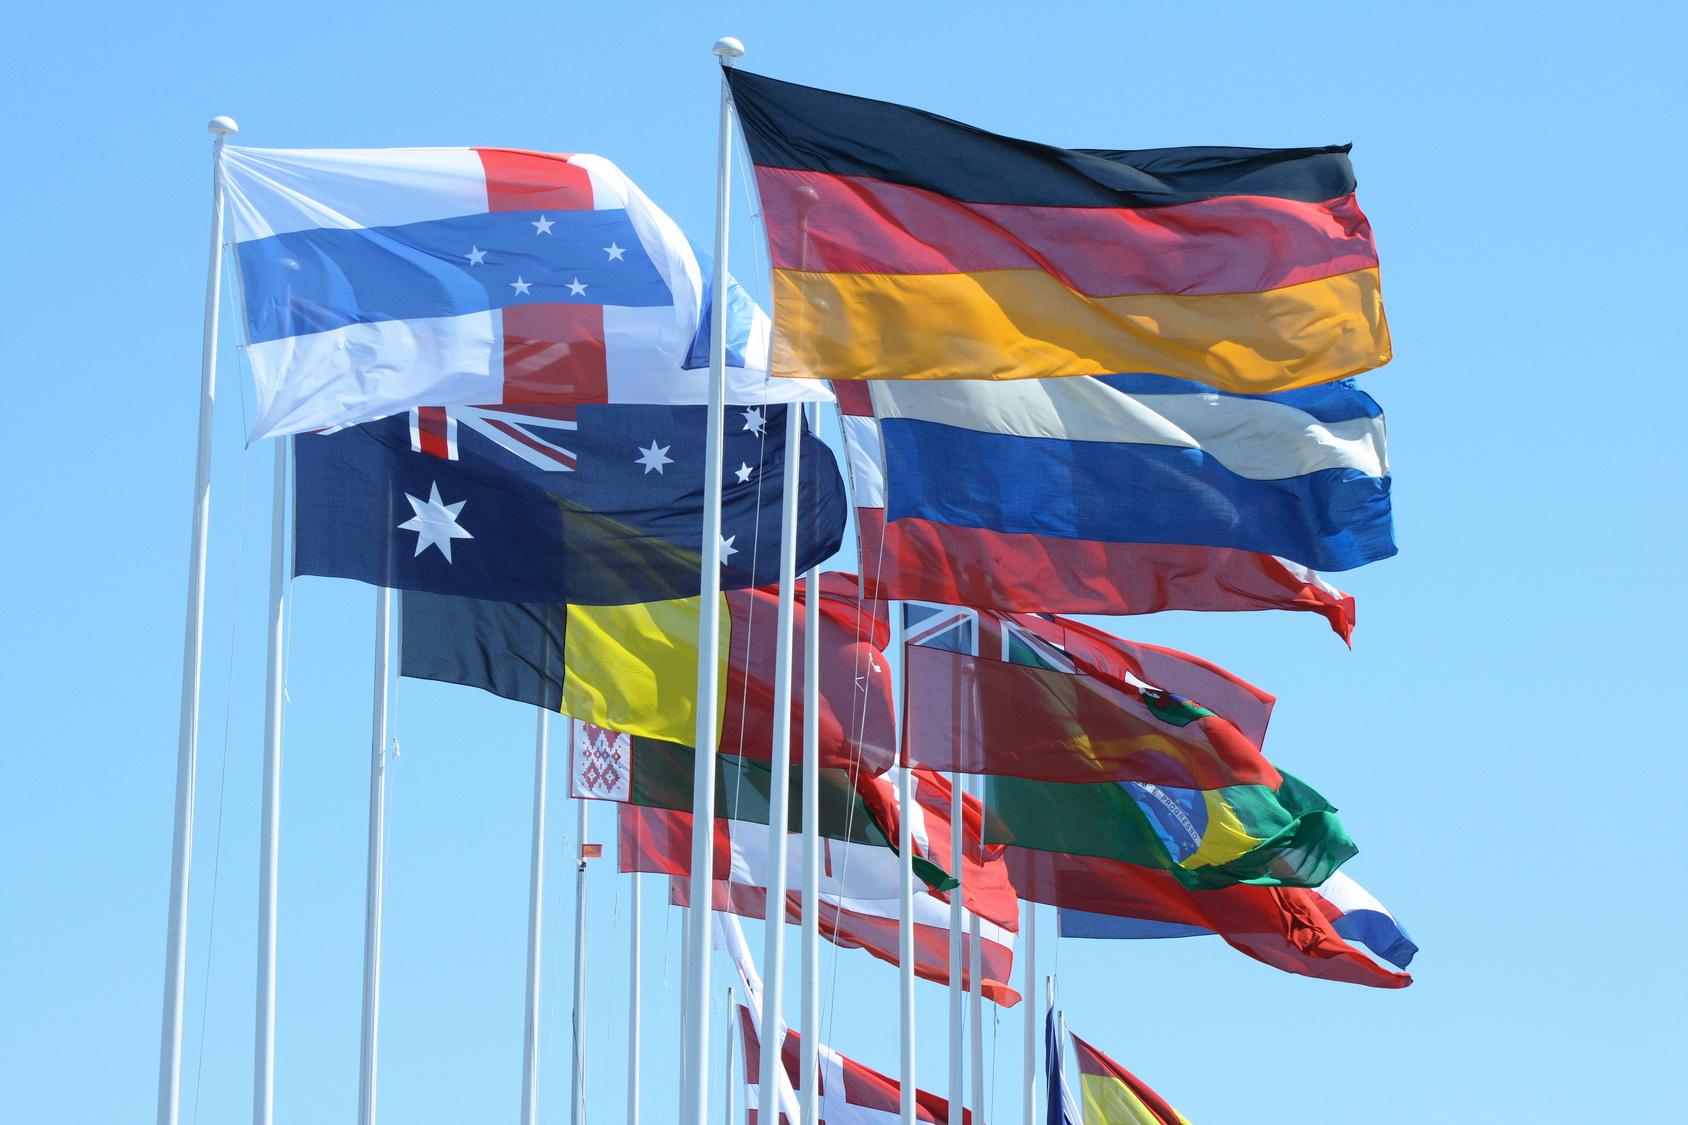 Internationale Organisationen und Firmen verhelfen der zweisprachigen Lehre zum Erfolg. (Bild: Fotolia/g-konzept.de)